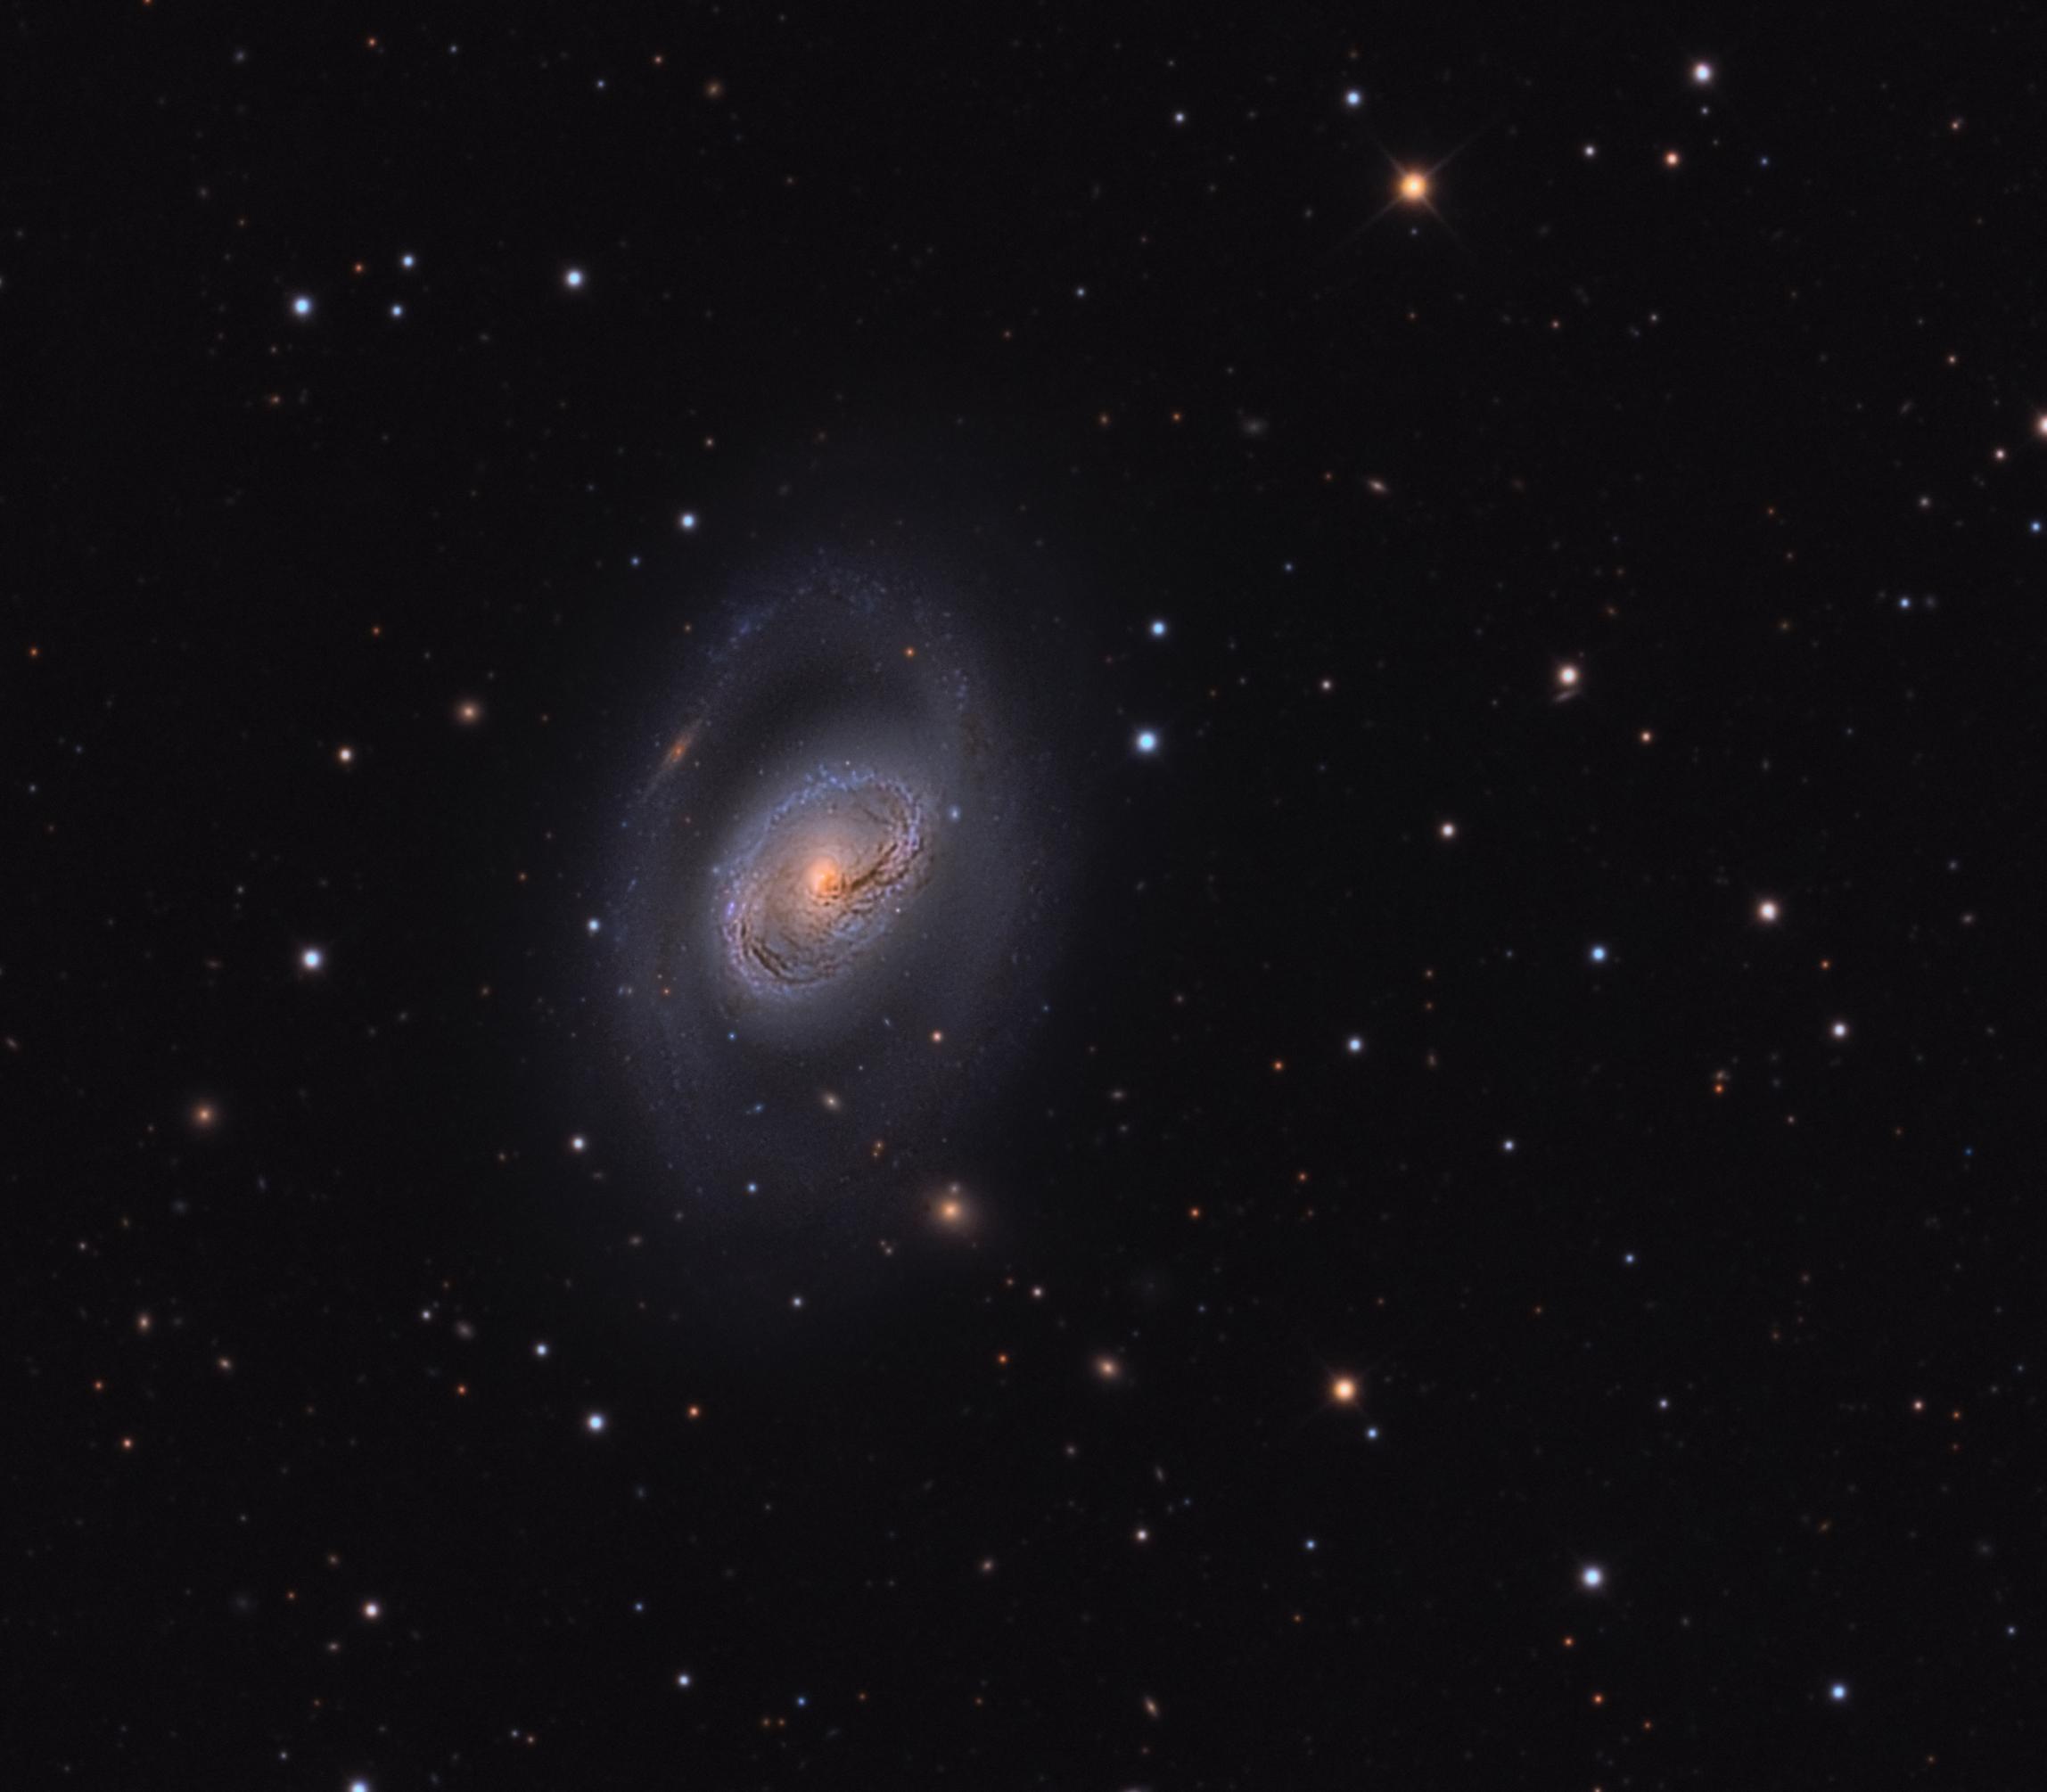 Messier 96